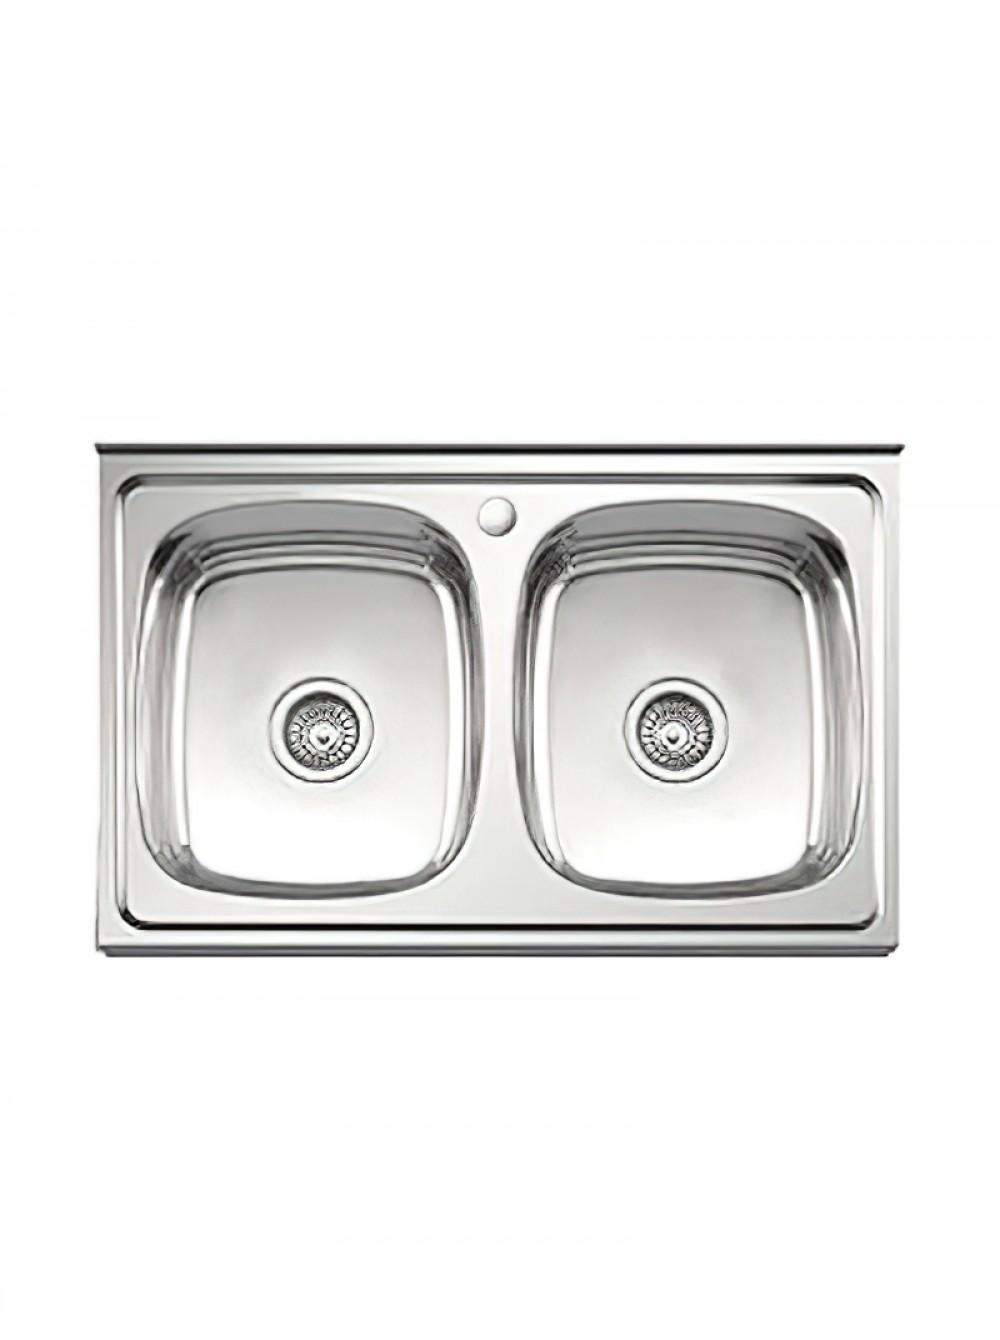 Мойка кухонная накладная 800х600мм 0,8мм ДВОЙНАЯ (две чаши) ГЛЯНЕЦ бол.сиф. Ledeme